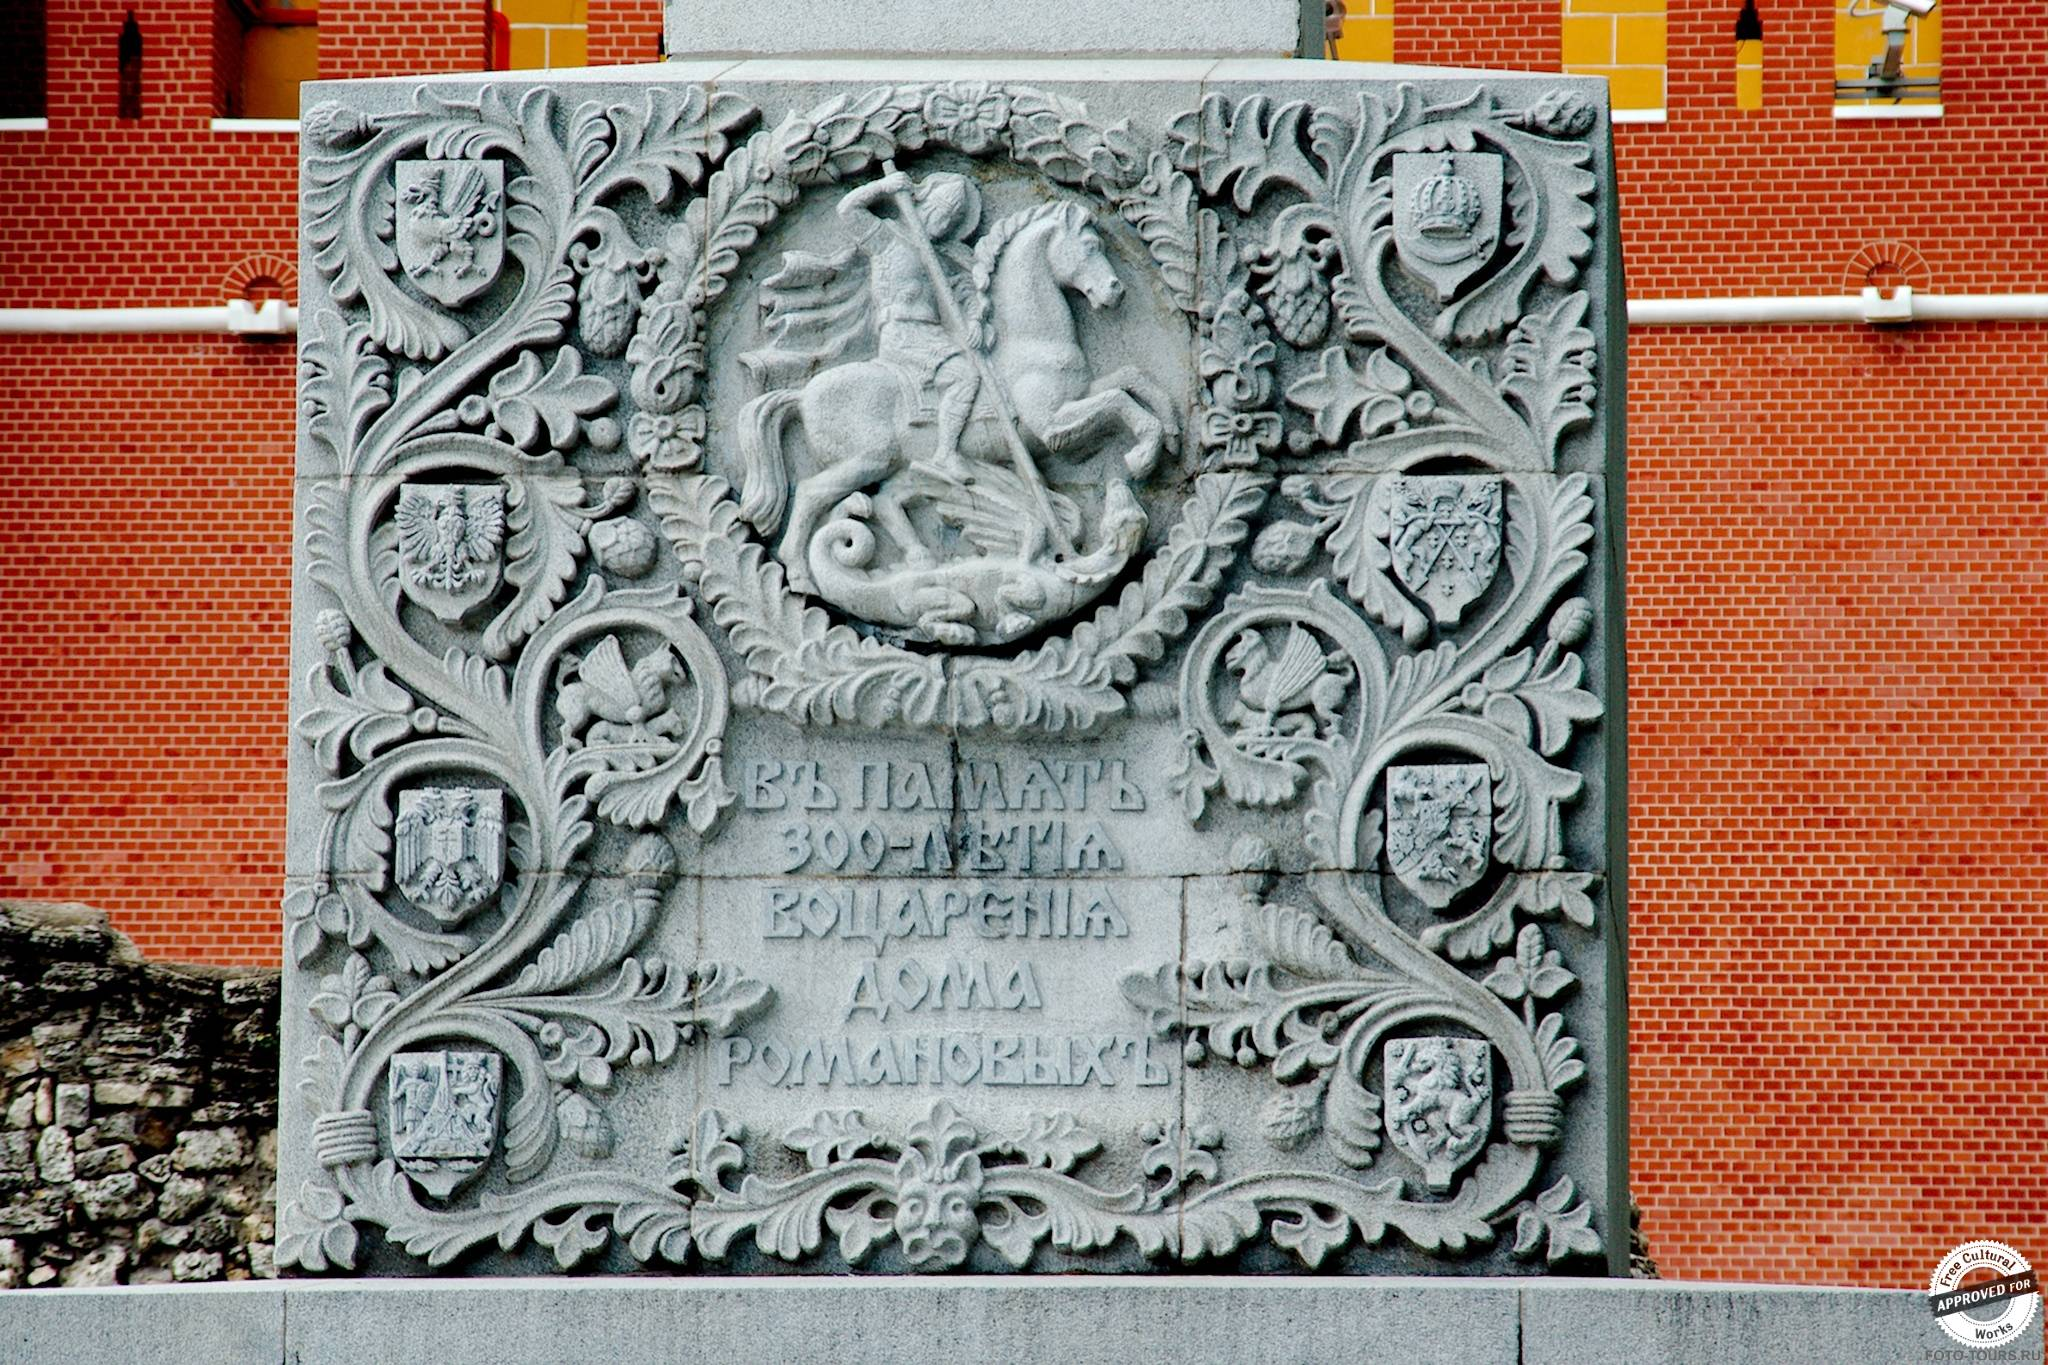 Романовский обелиск в Александровском Саде, Москва, Россия.